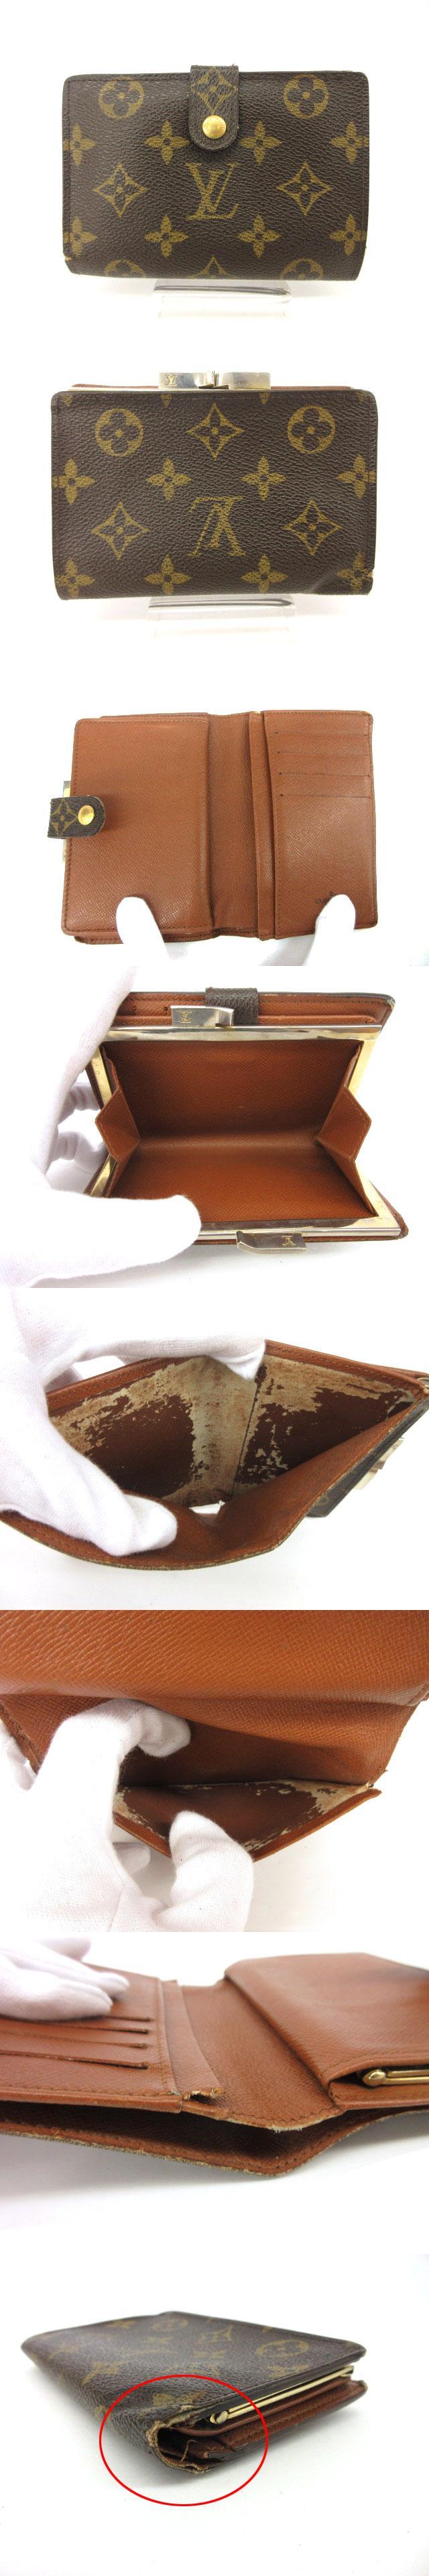 ポルトモネビエ ヴィエノワ モノグラム USA製 財布 二つ折り がま口 茶 ブラウン /mi